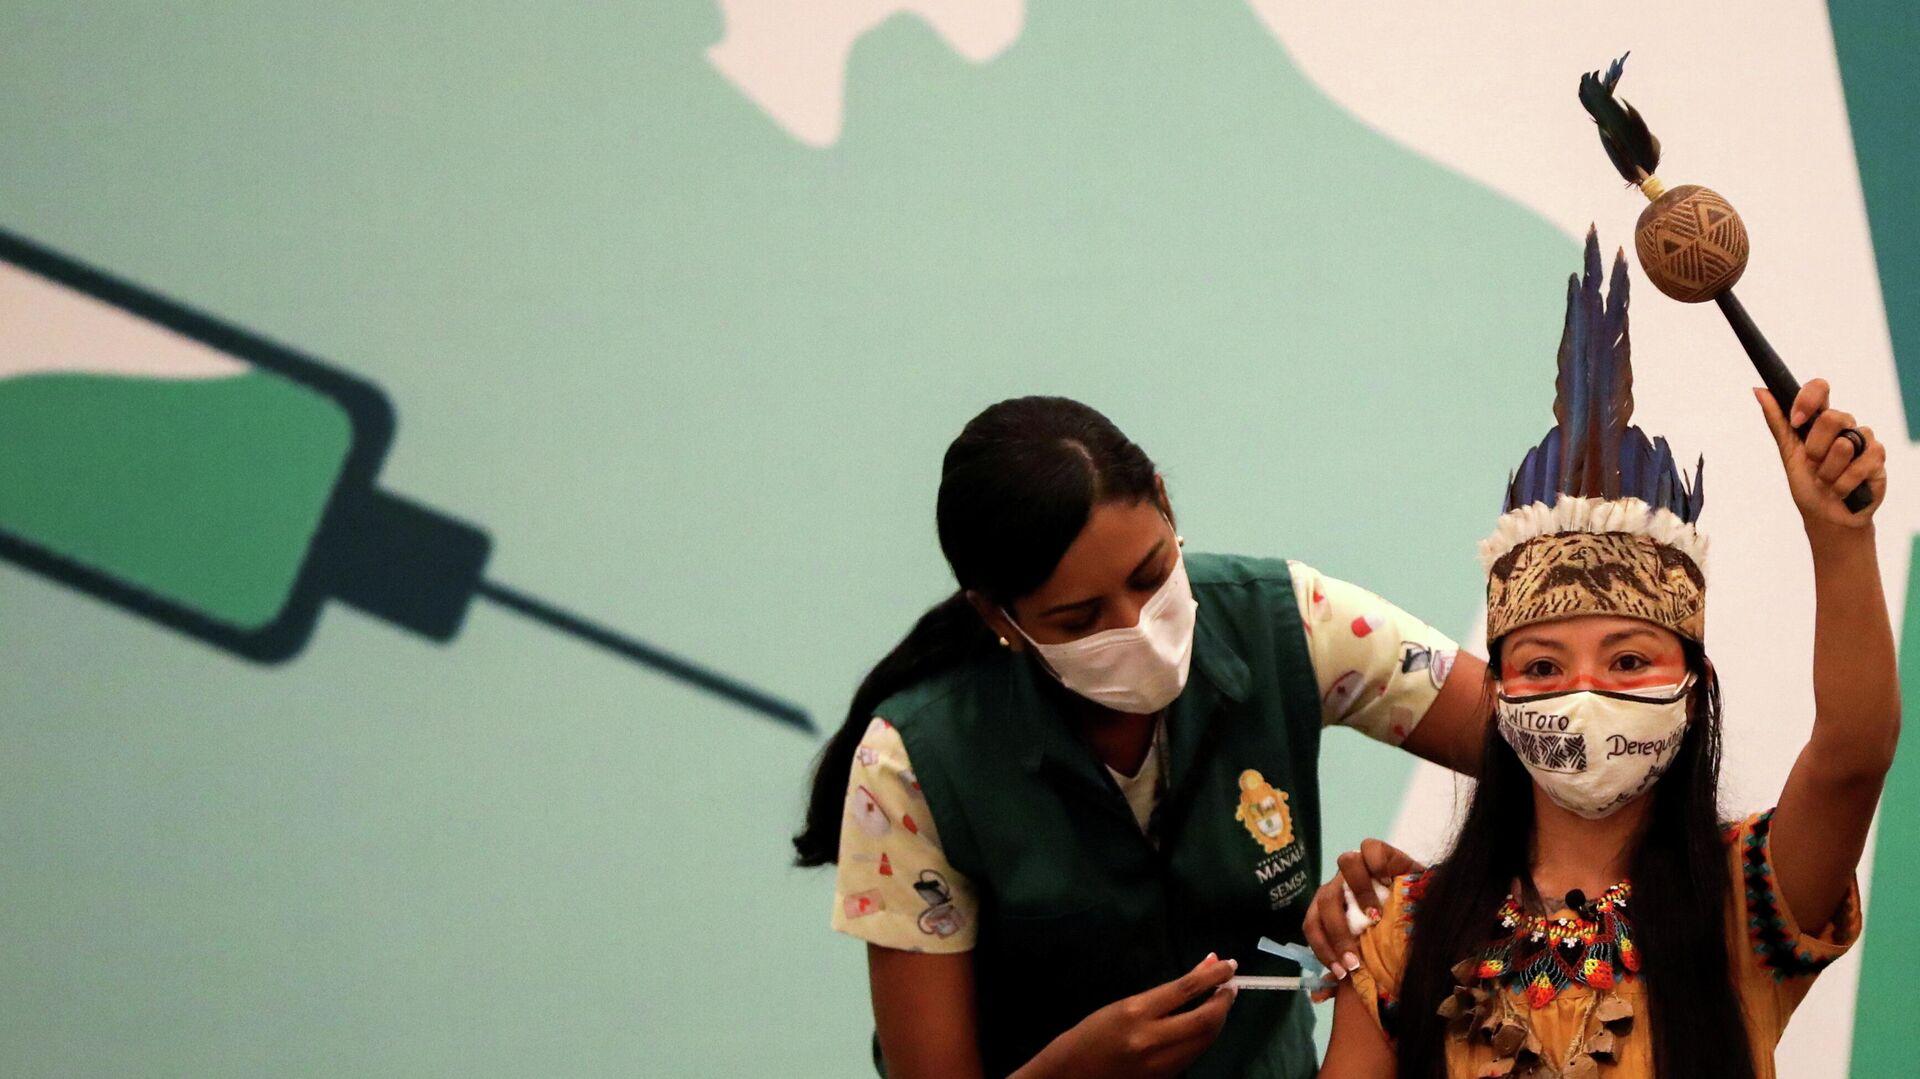 Ванда (Vanderlecia Ortega dos Santos) из племени Уитото во время прививки от коронавируса в Манаусе  - РИА Новости, 1920, 29.01.2021